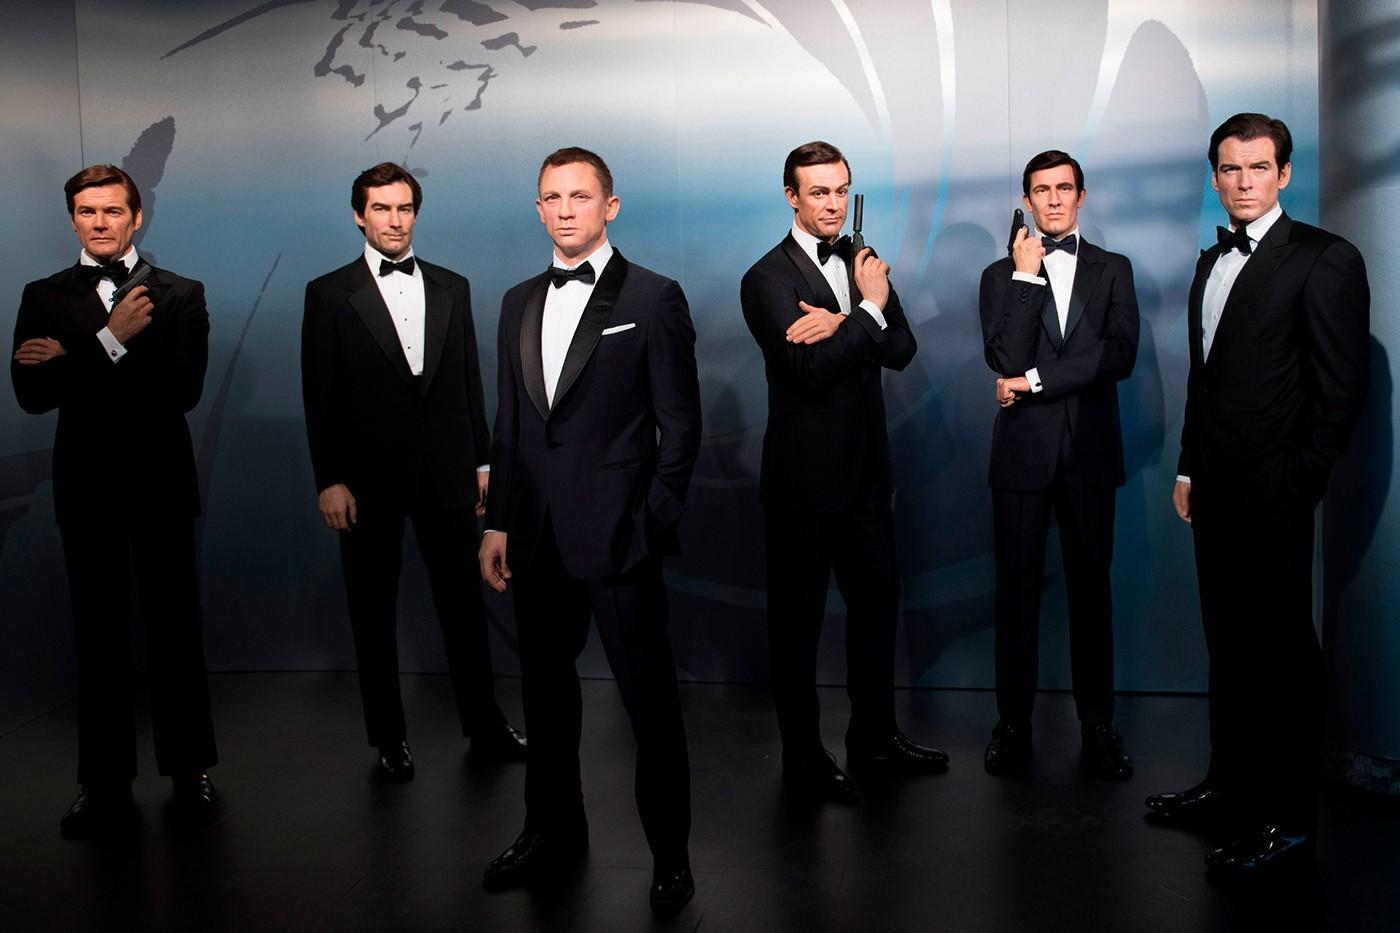 19部《007》系列电影在YouTube上免费观看